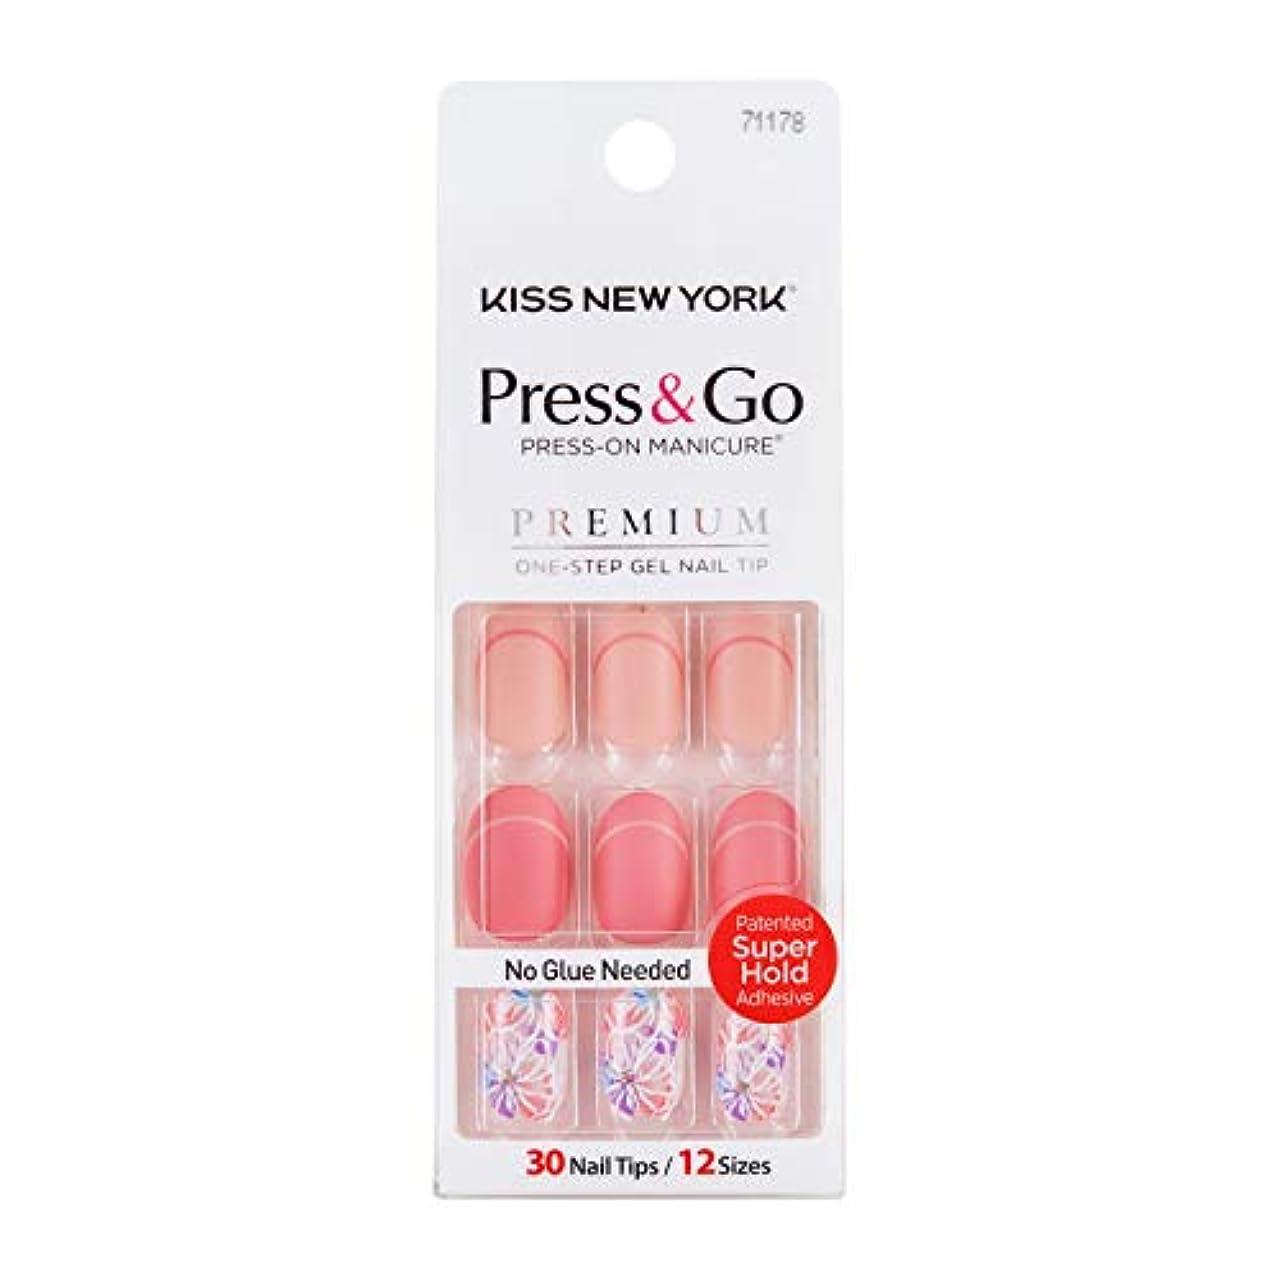 メモ休憩ワイプキスニューヨーク (KISS NEW YORK) KISS NEWYORK ネイルチップPress&Go BHJ28J 19g